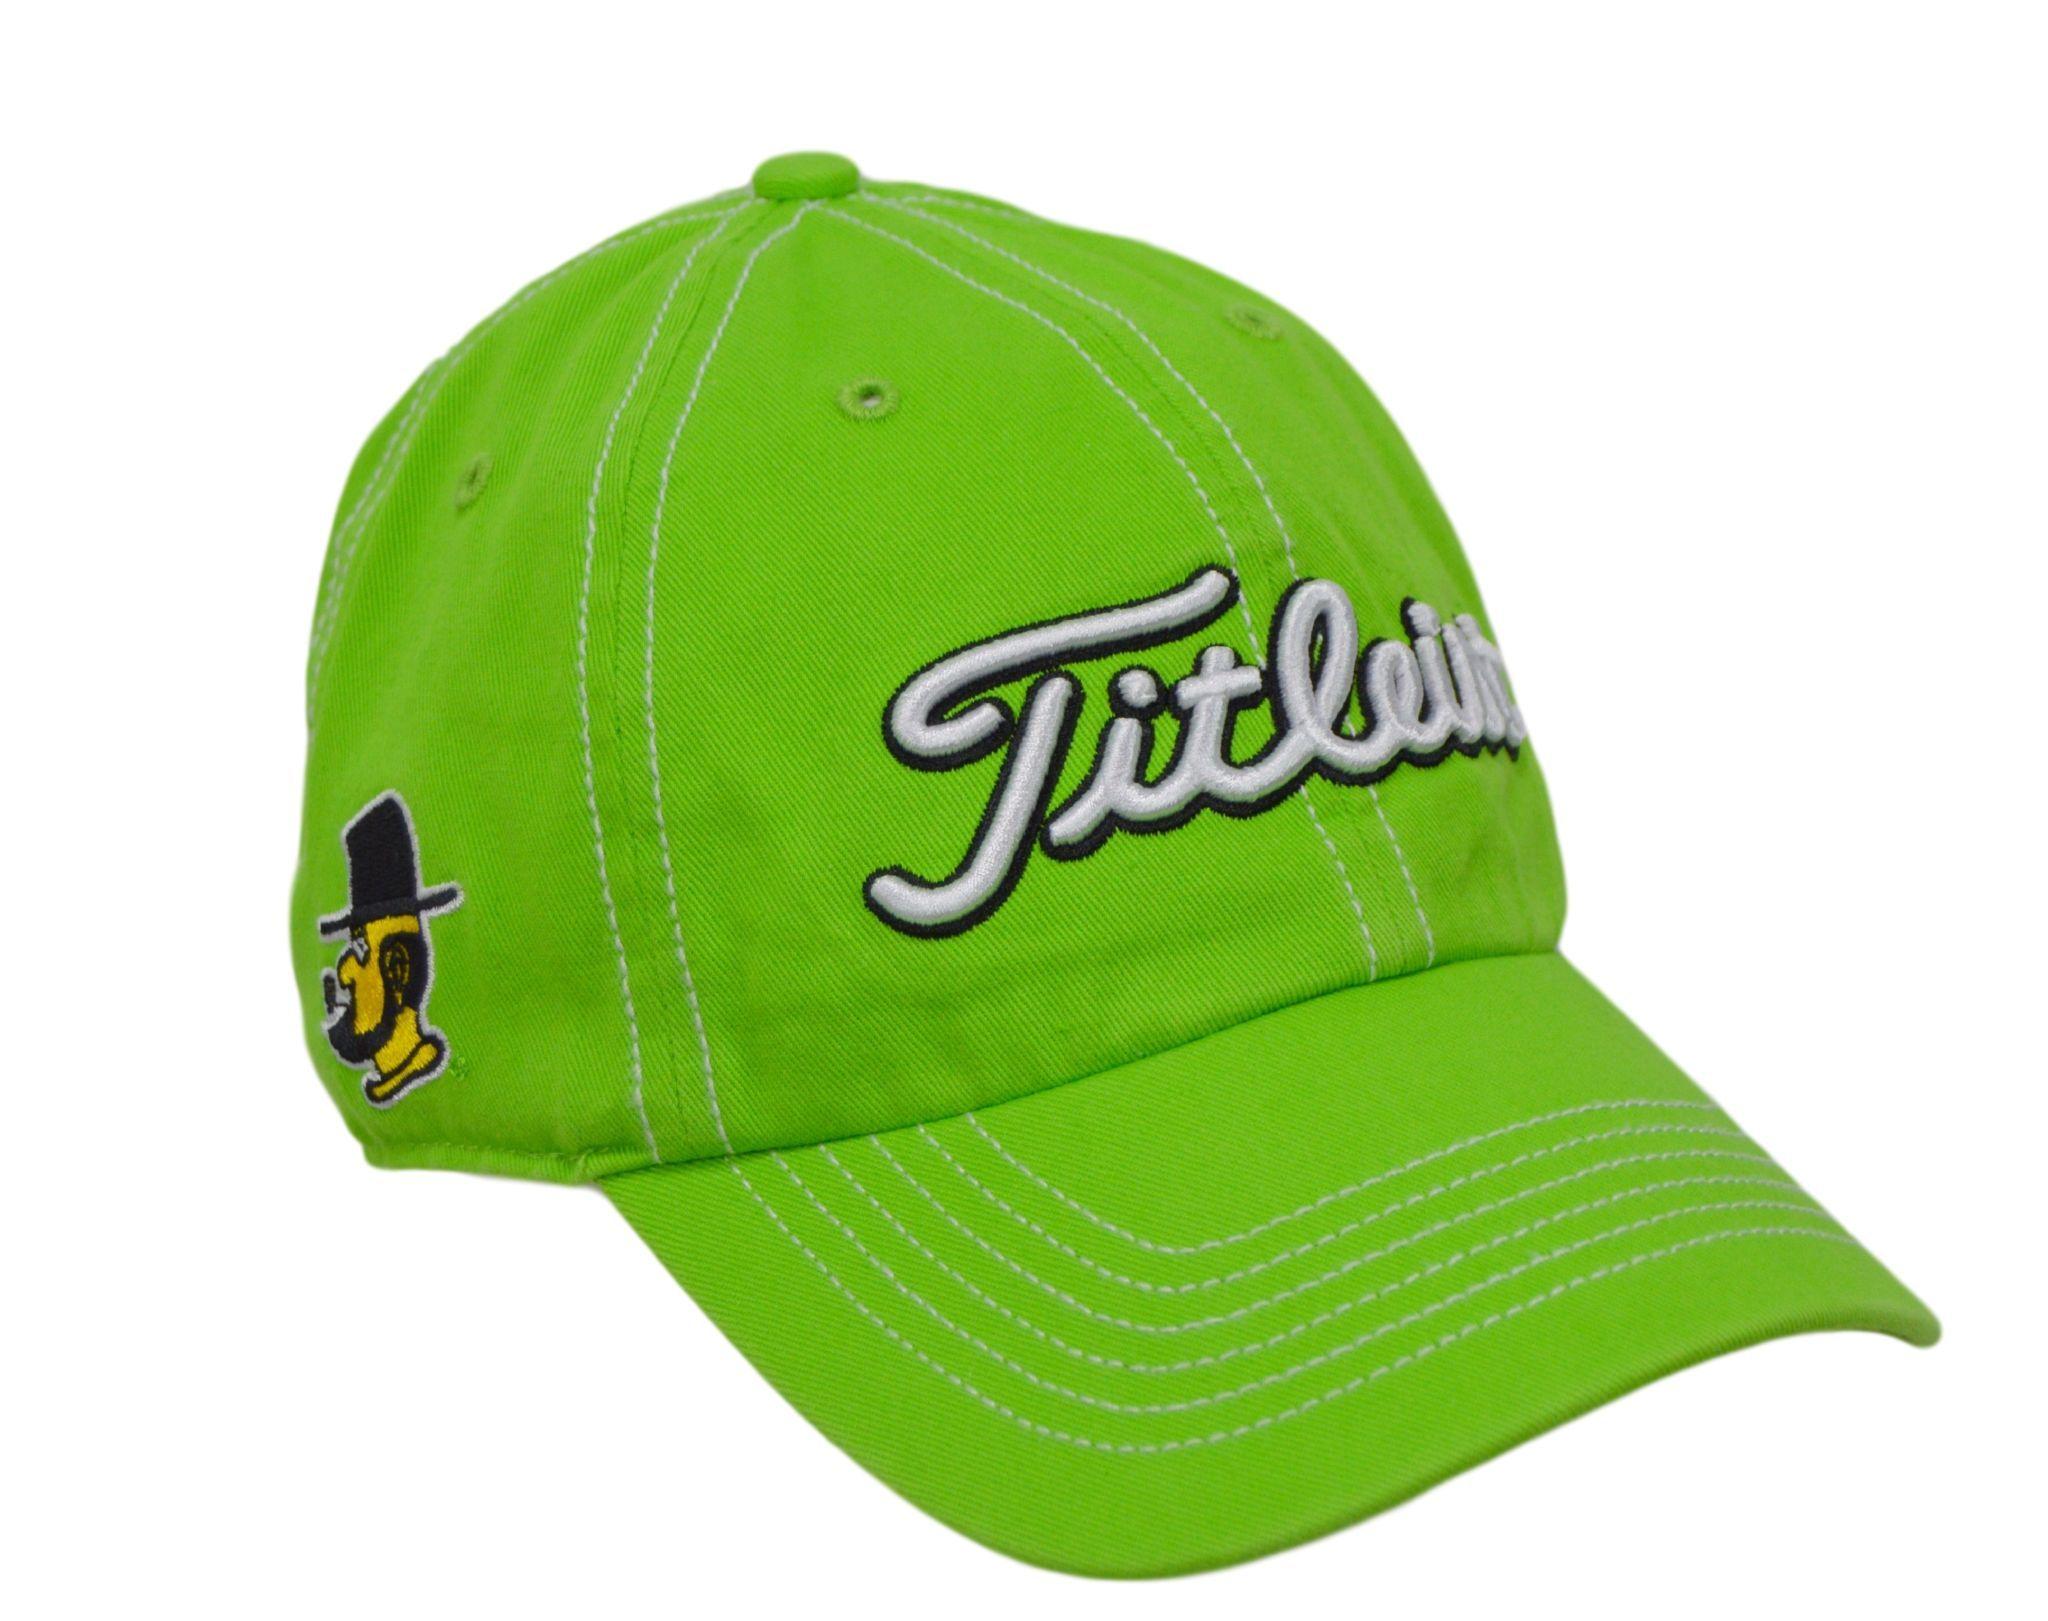 e8a3192195f7a Appalachian State Green Titleist Golf Hat - 3 logos | Golf Hat ...